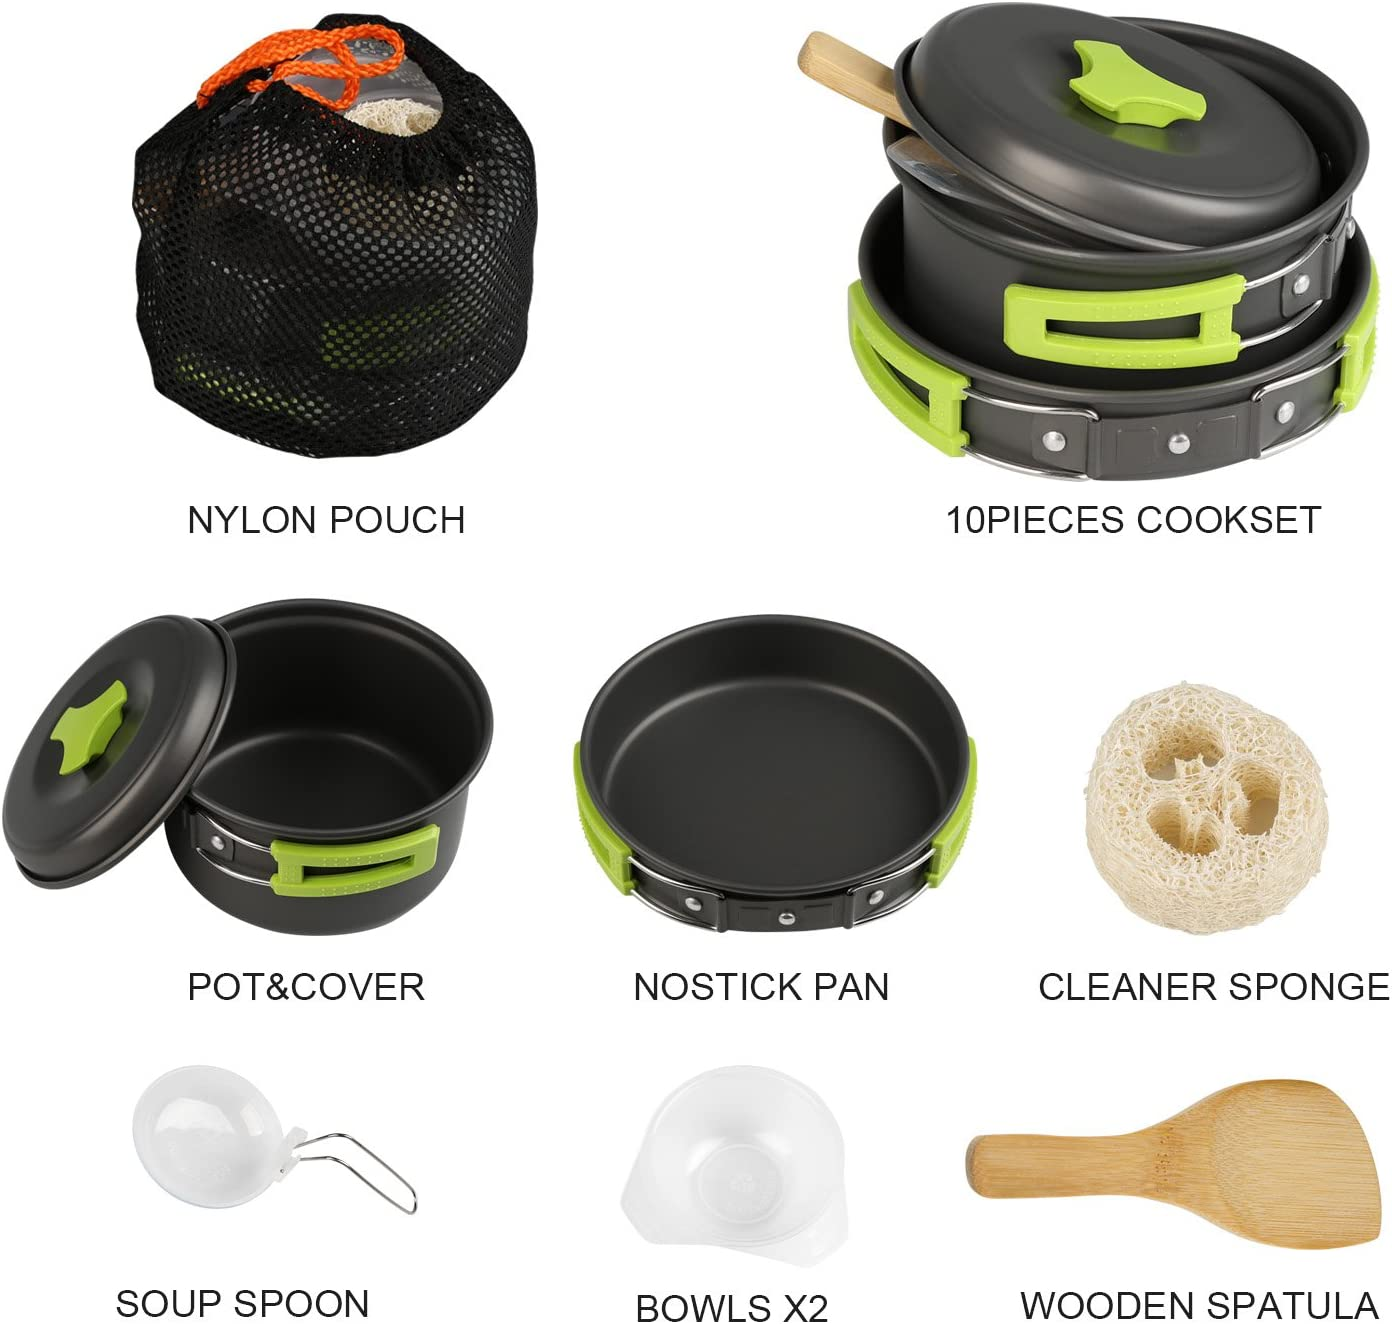 BelleStyle Utensilios Cocina Camping, 1-2 Personas Ligero y Portátil Utensilios de Cocina Camping Pots Set para Exteriores Cámping Mochilero ...